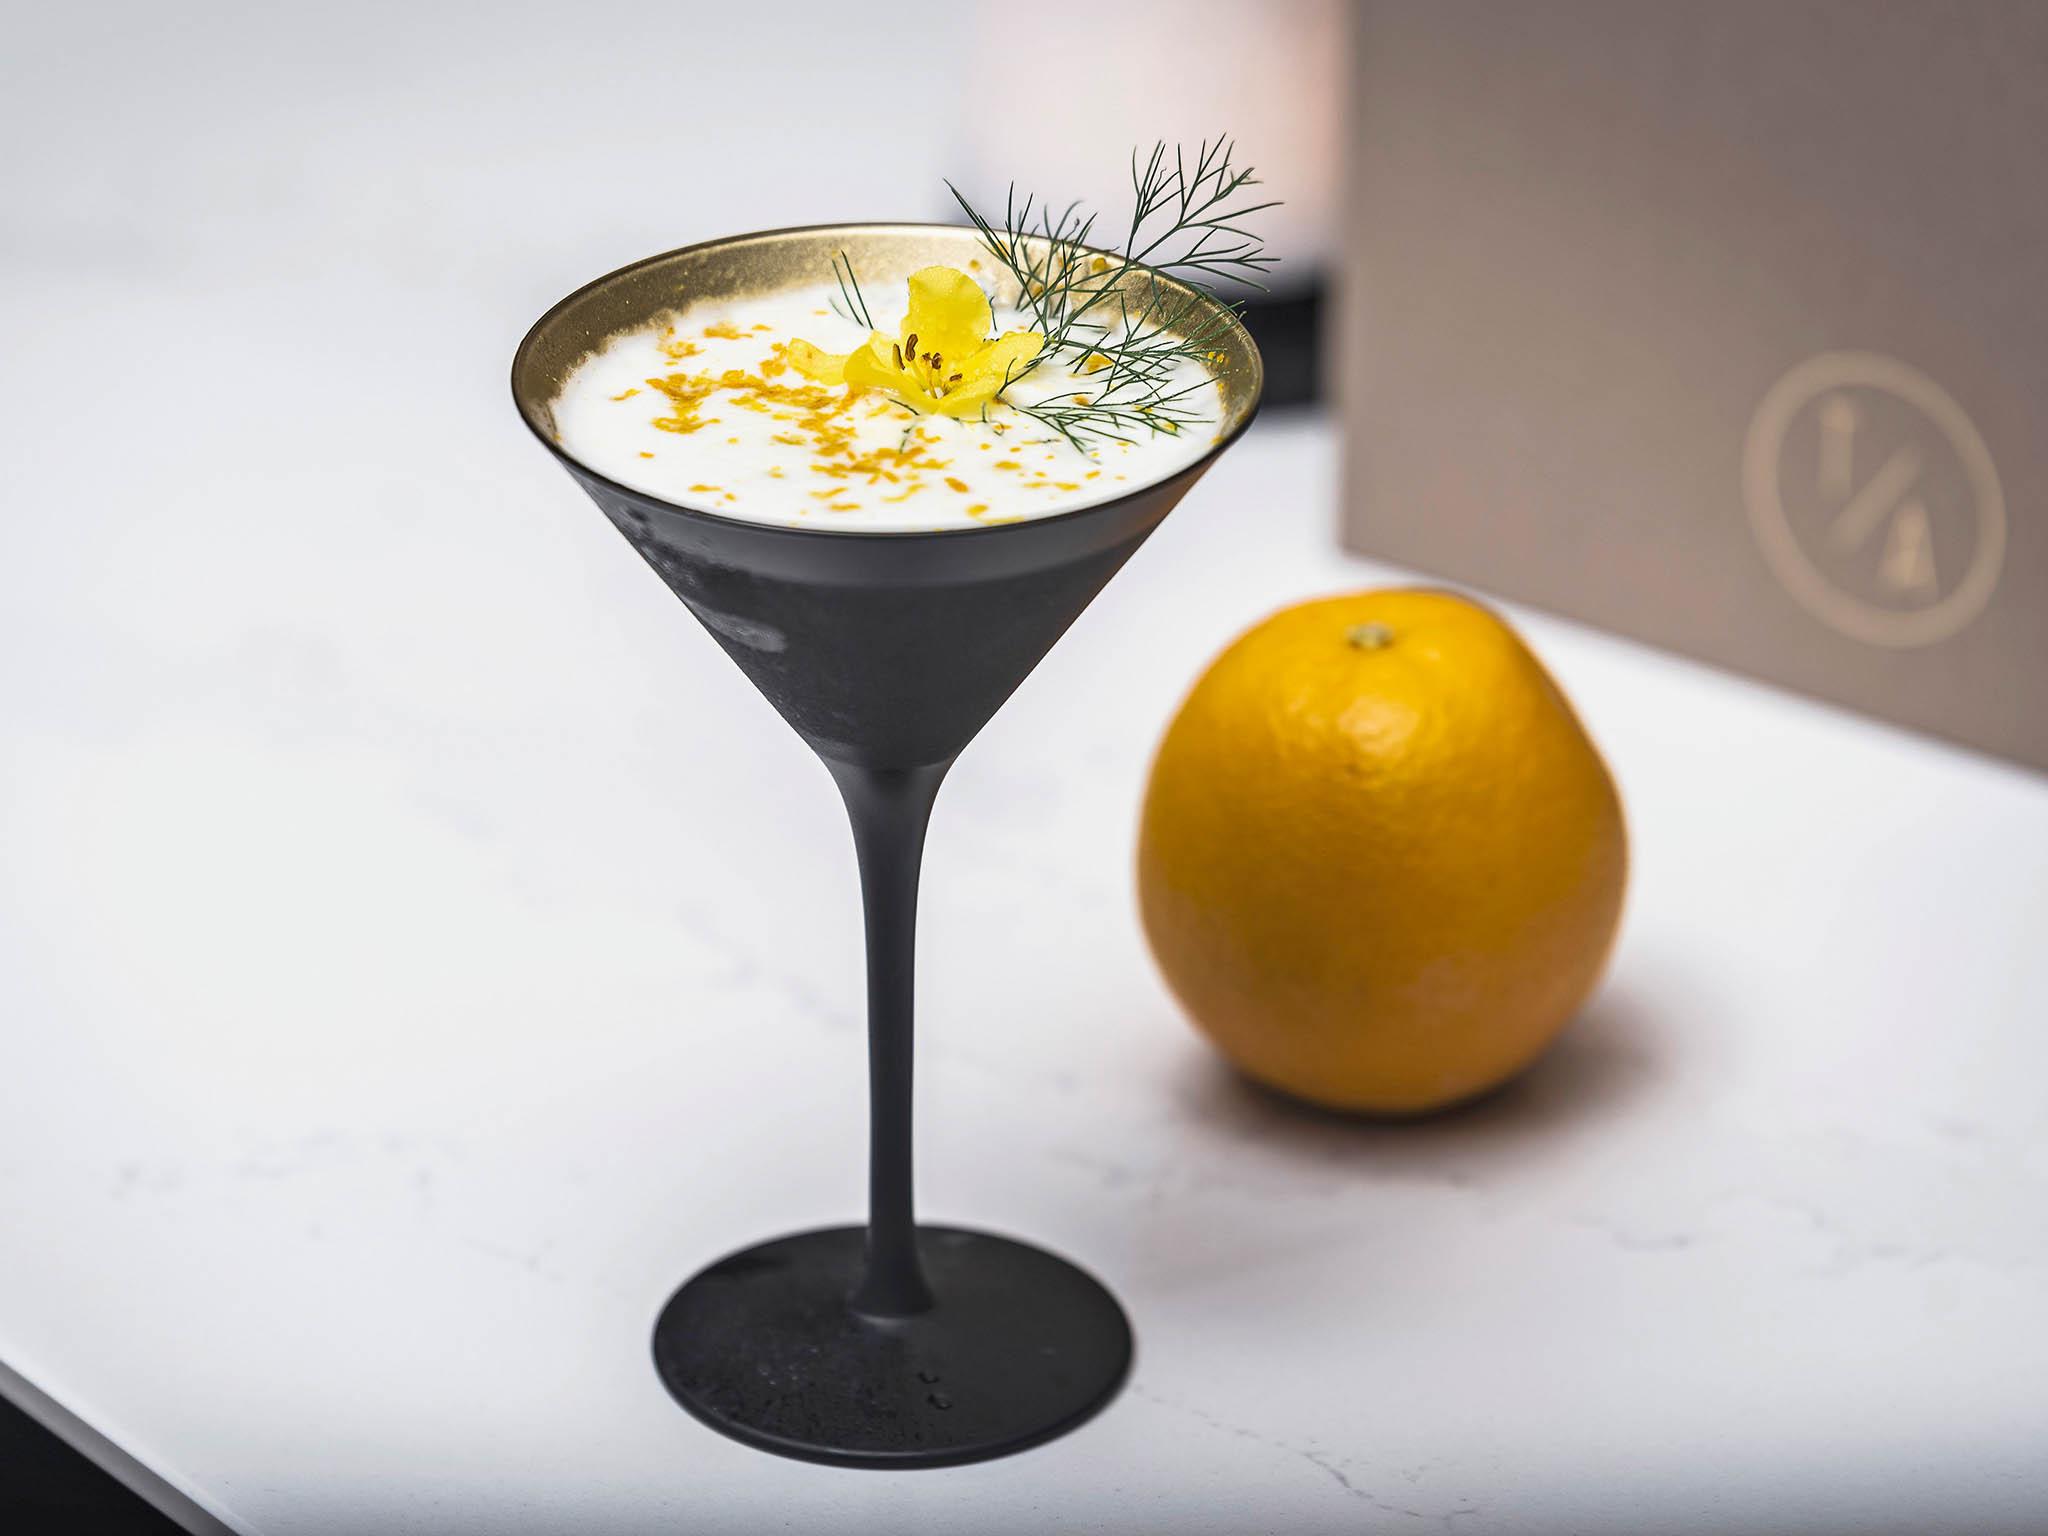 Hotel Marriott má nový bar, který se zaměřuje nalokální české suroviny asezonní speciality. Ochutnejte mimo jiné ikoktejly pojmenované napočest českých skladatelů Dvořáka, Smetany, Janáčka aSuka.